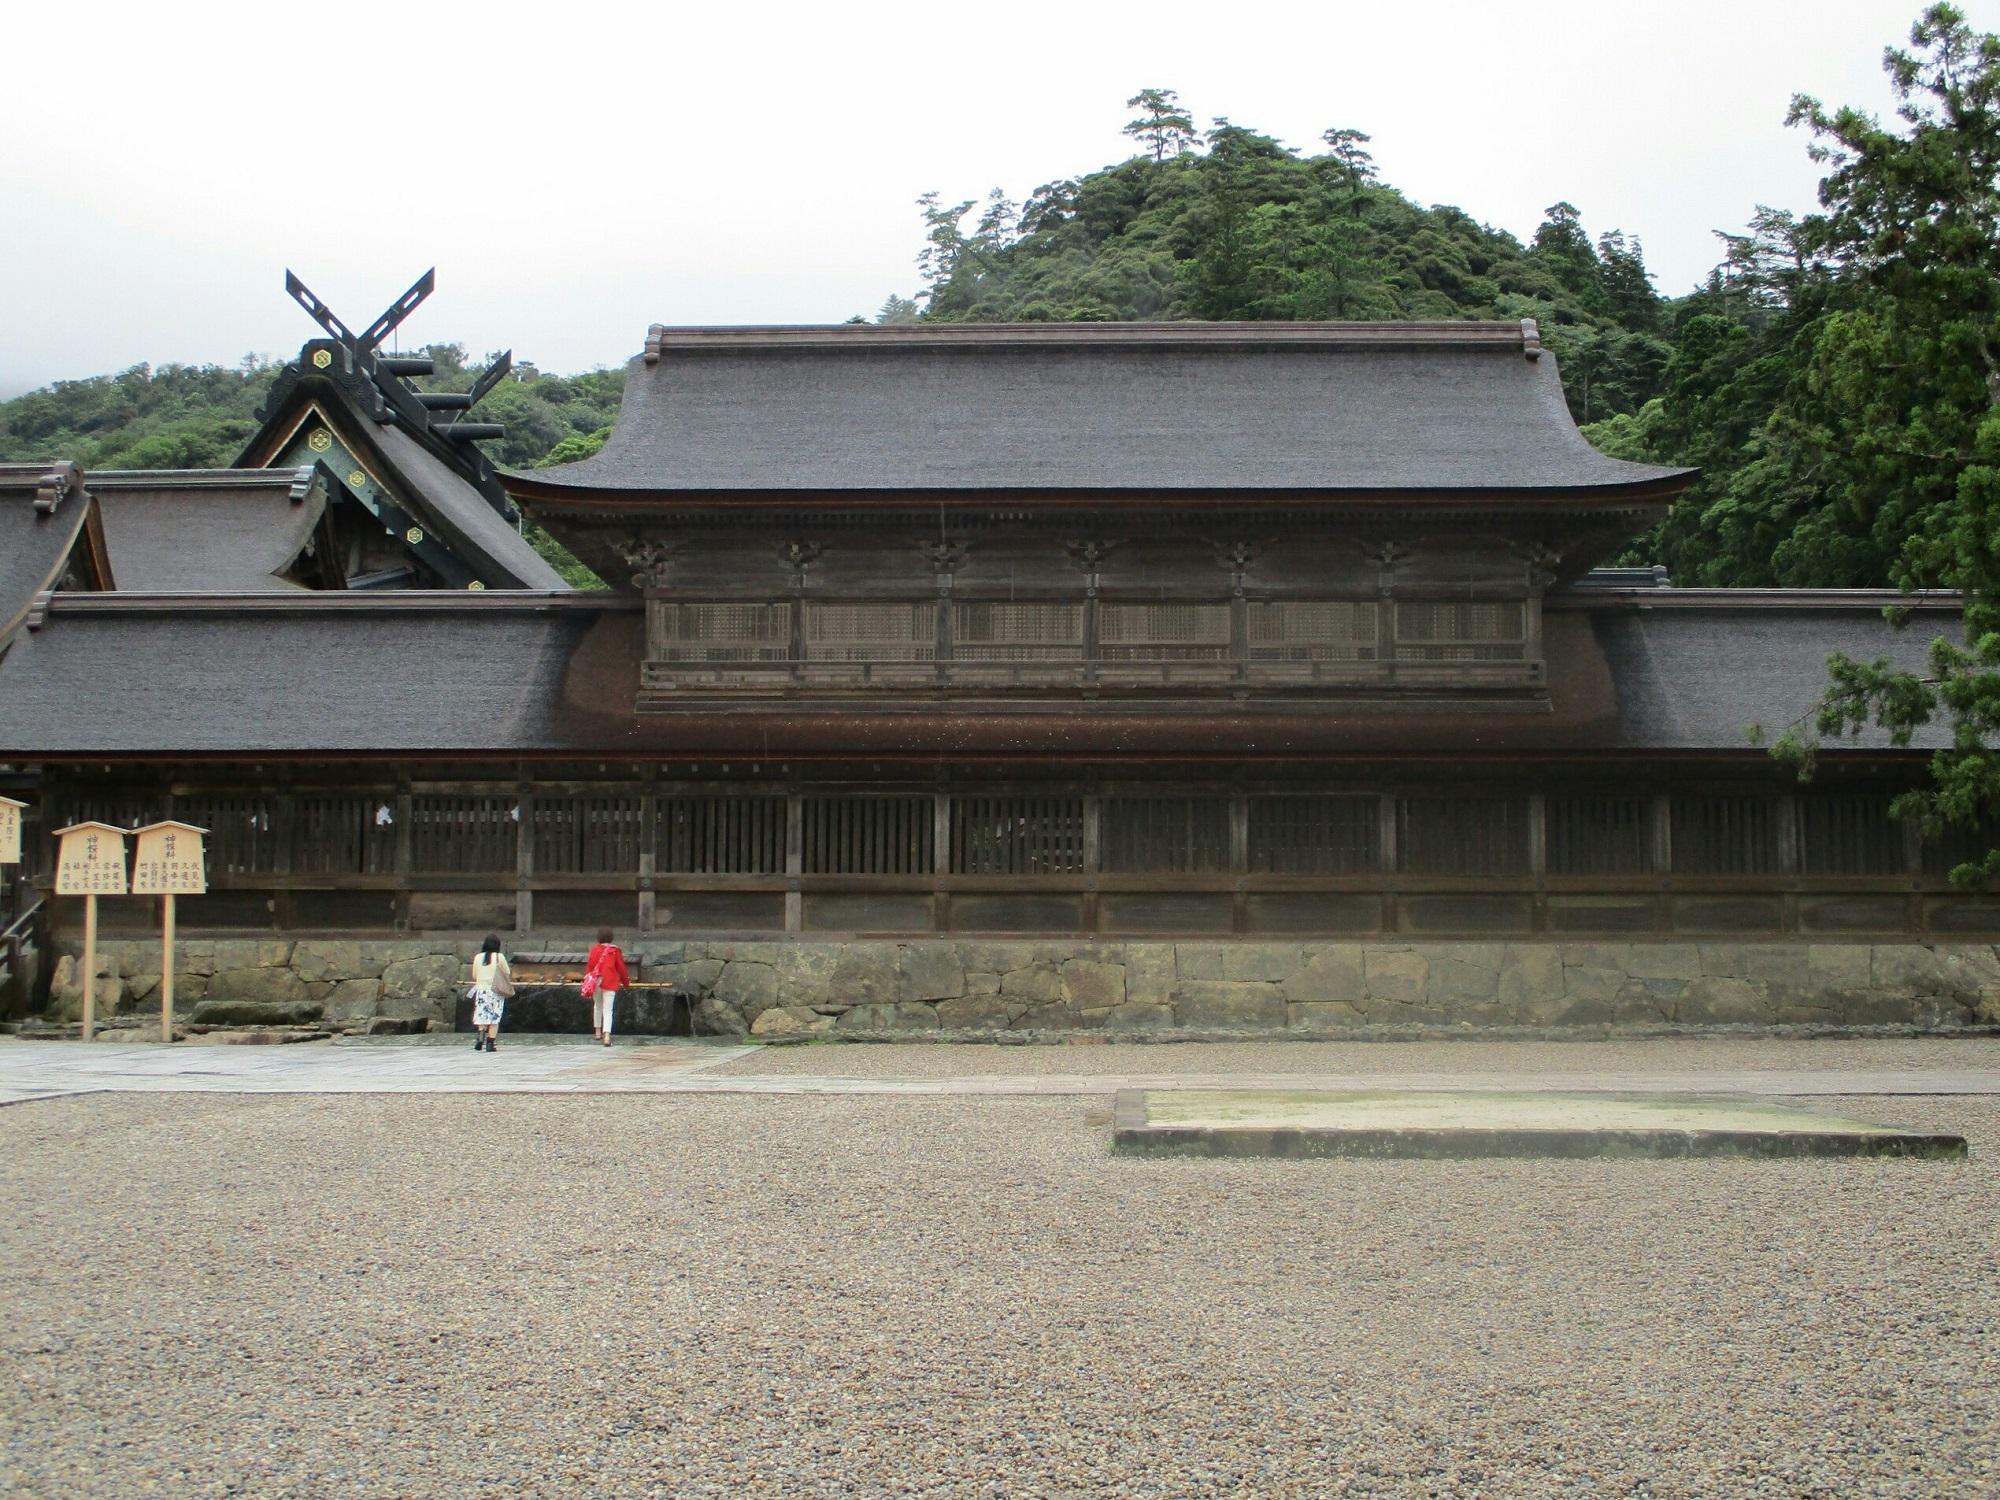 2018.7.6 (97) 出雲大社 - 観祭楼 2000-1500